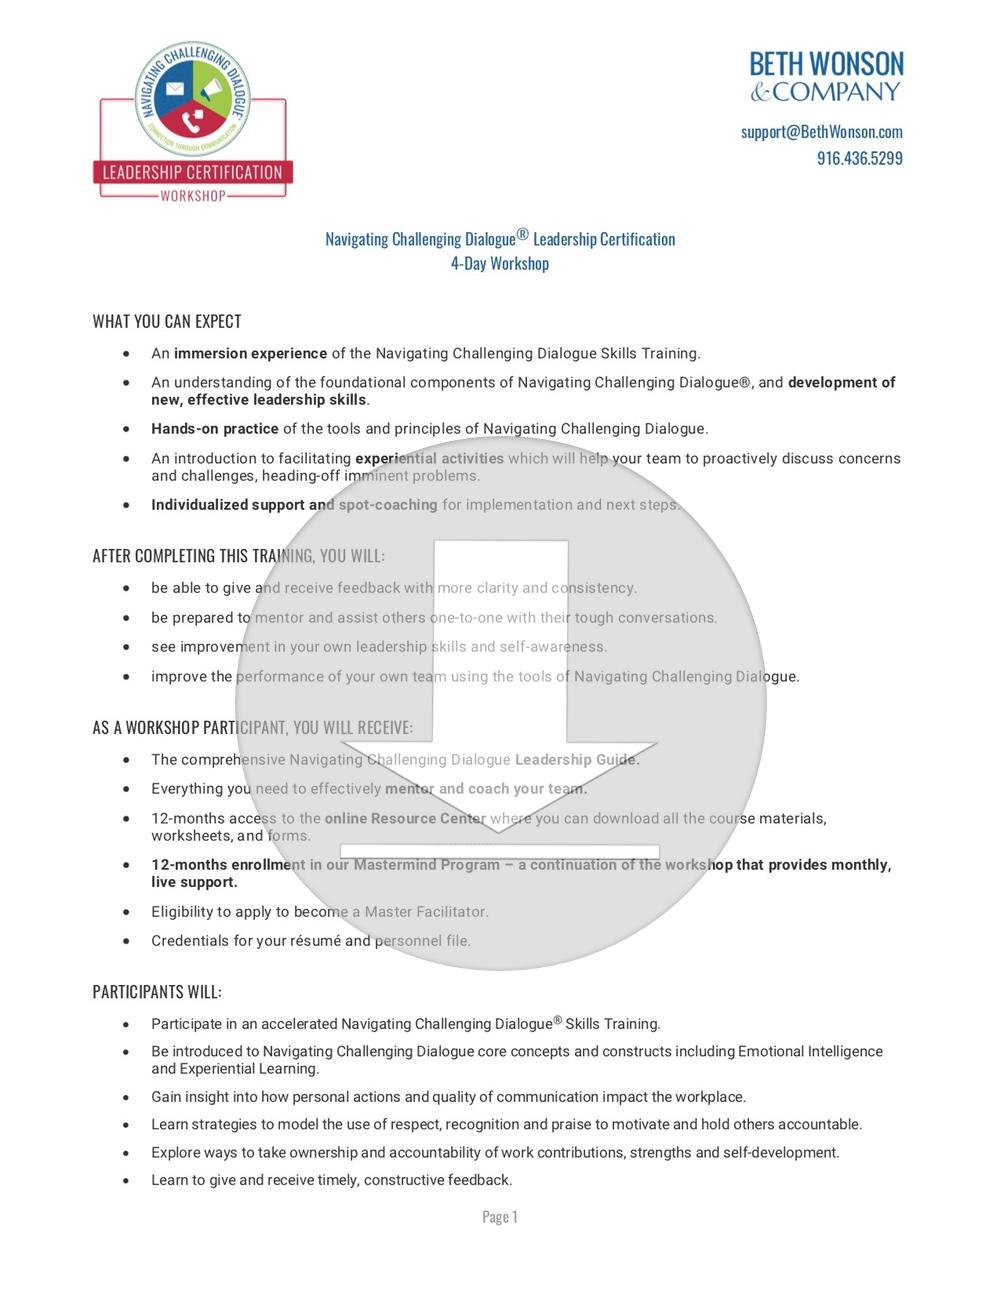 Download the Full Workshop Description